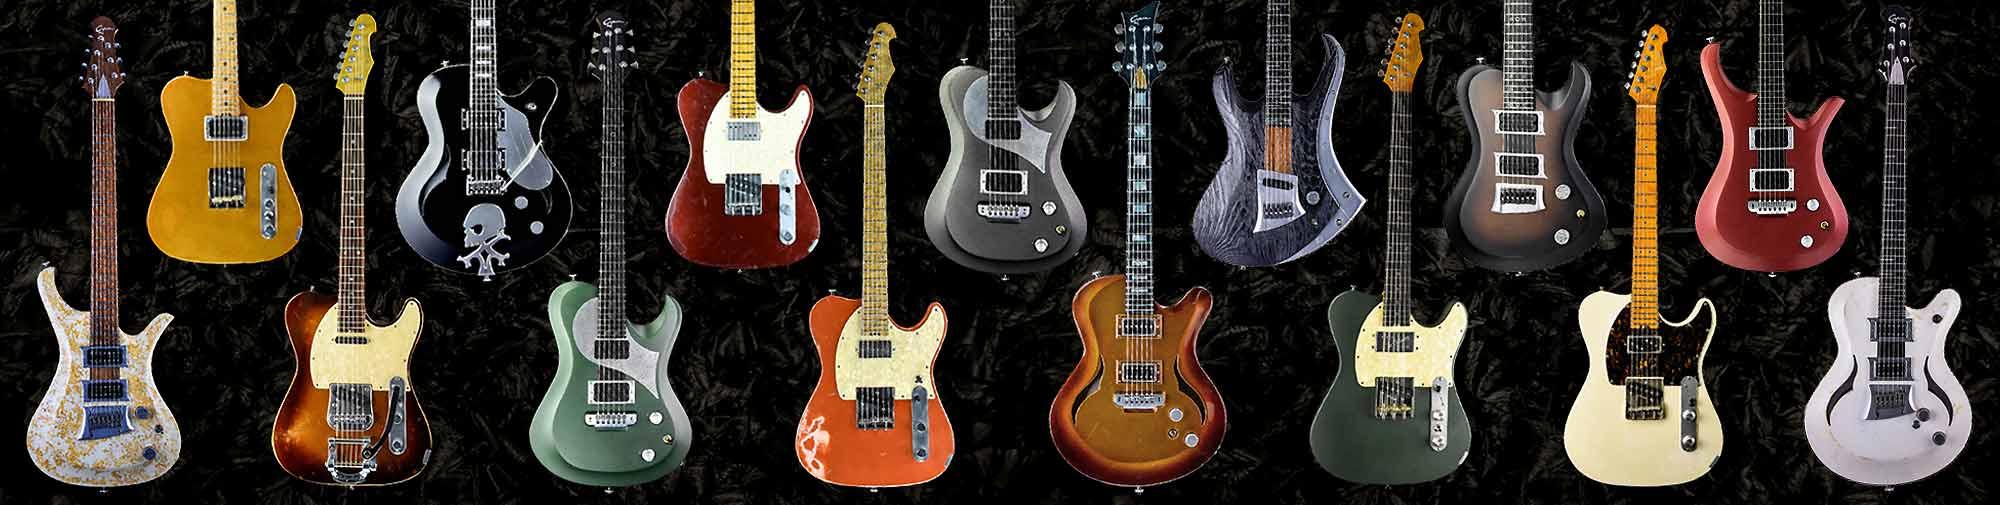 Custom Gitarren Shop - Cyanguitars